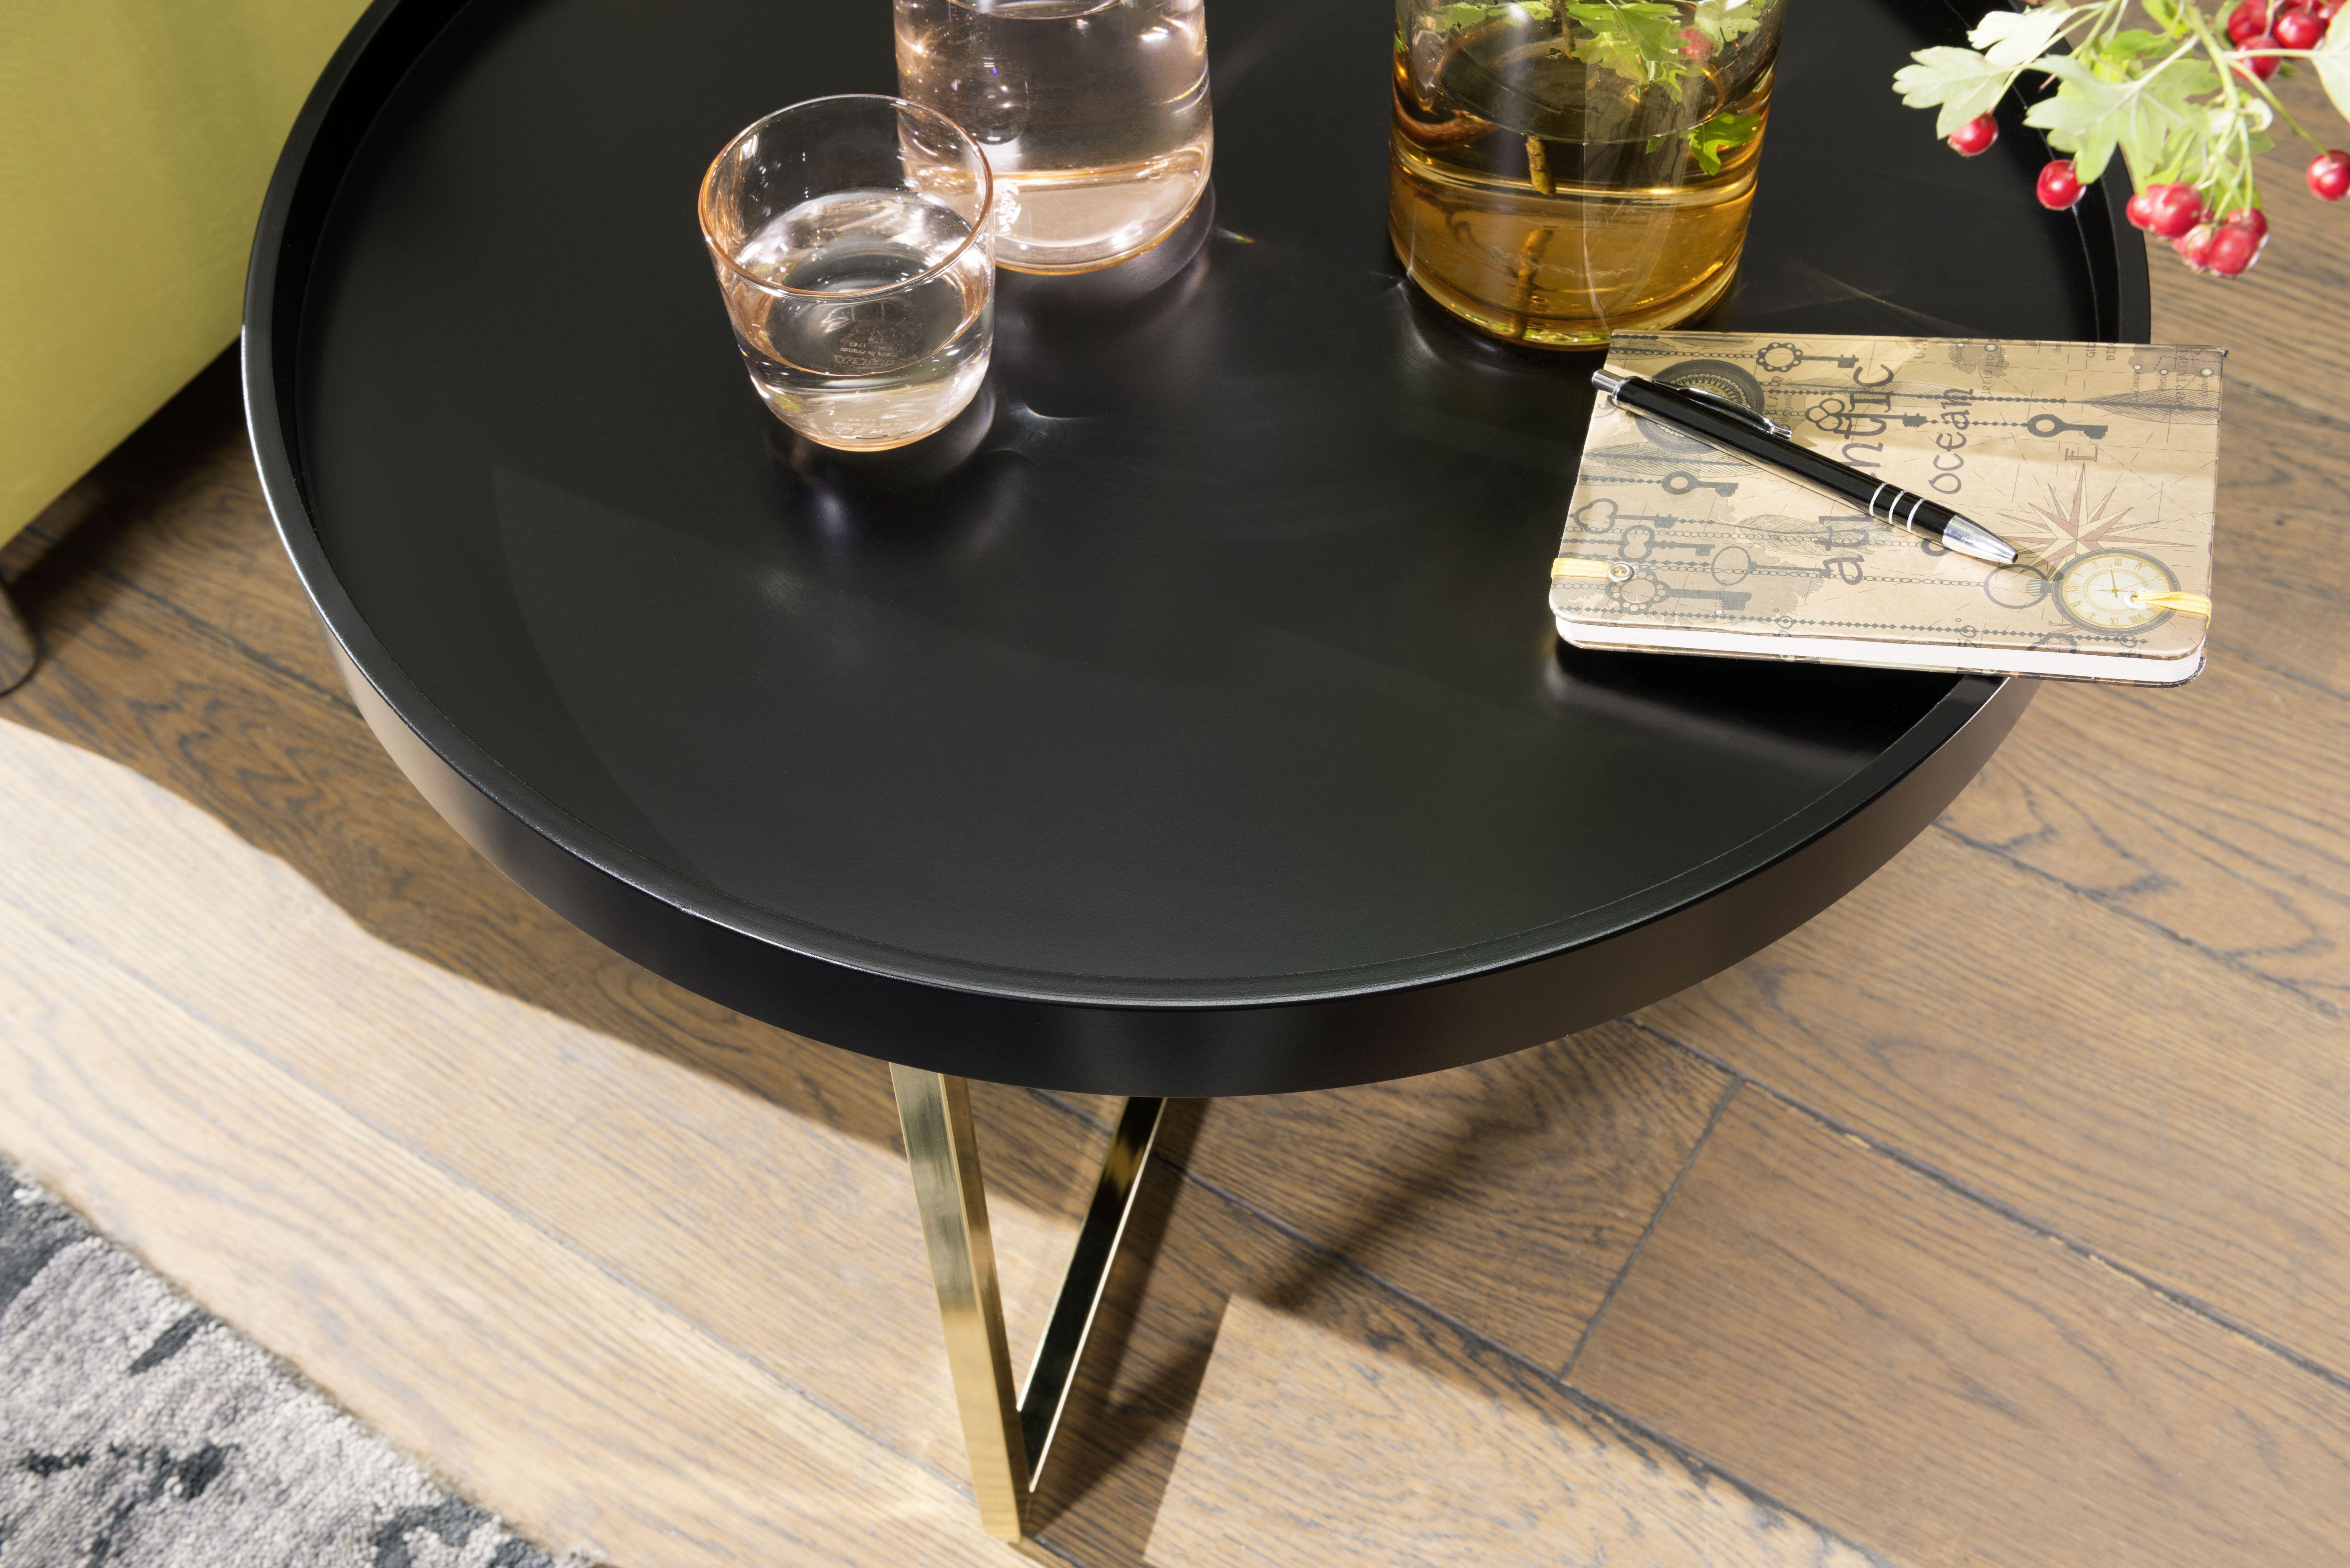 Wohnling Beistelltisch Eva Wl5 763 Schwarz Aus Mdf Mit Gold Gestell Wohnzimmer Gold Tablett Modern Design Dekoration R Tisch Beistelltische Couchtische